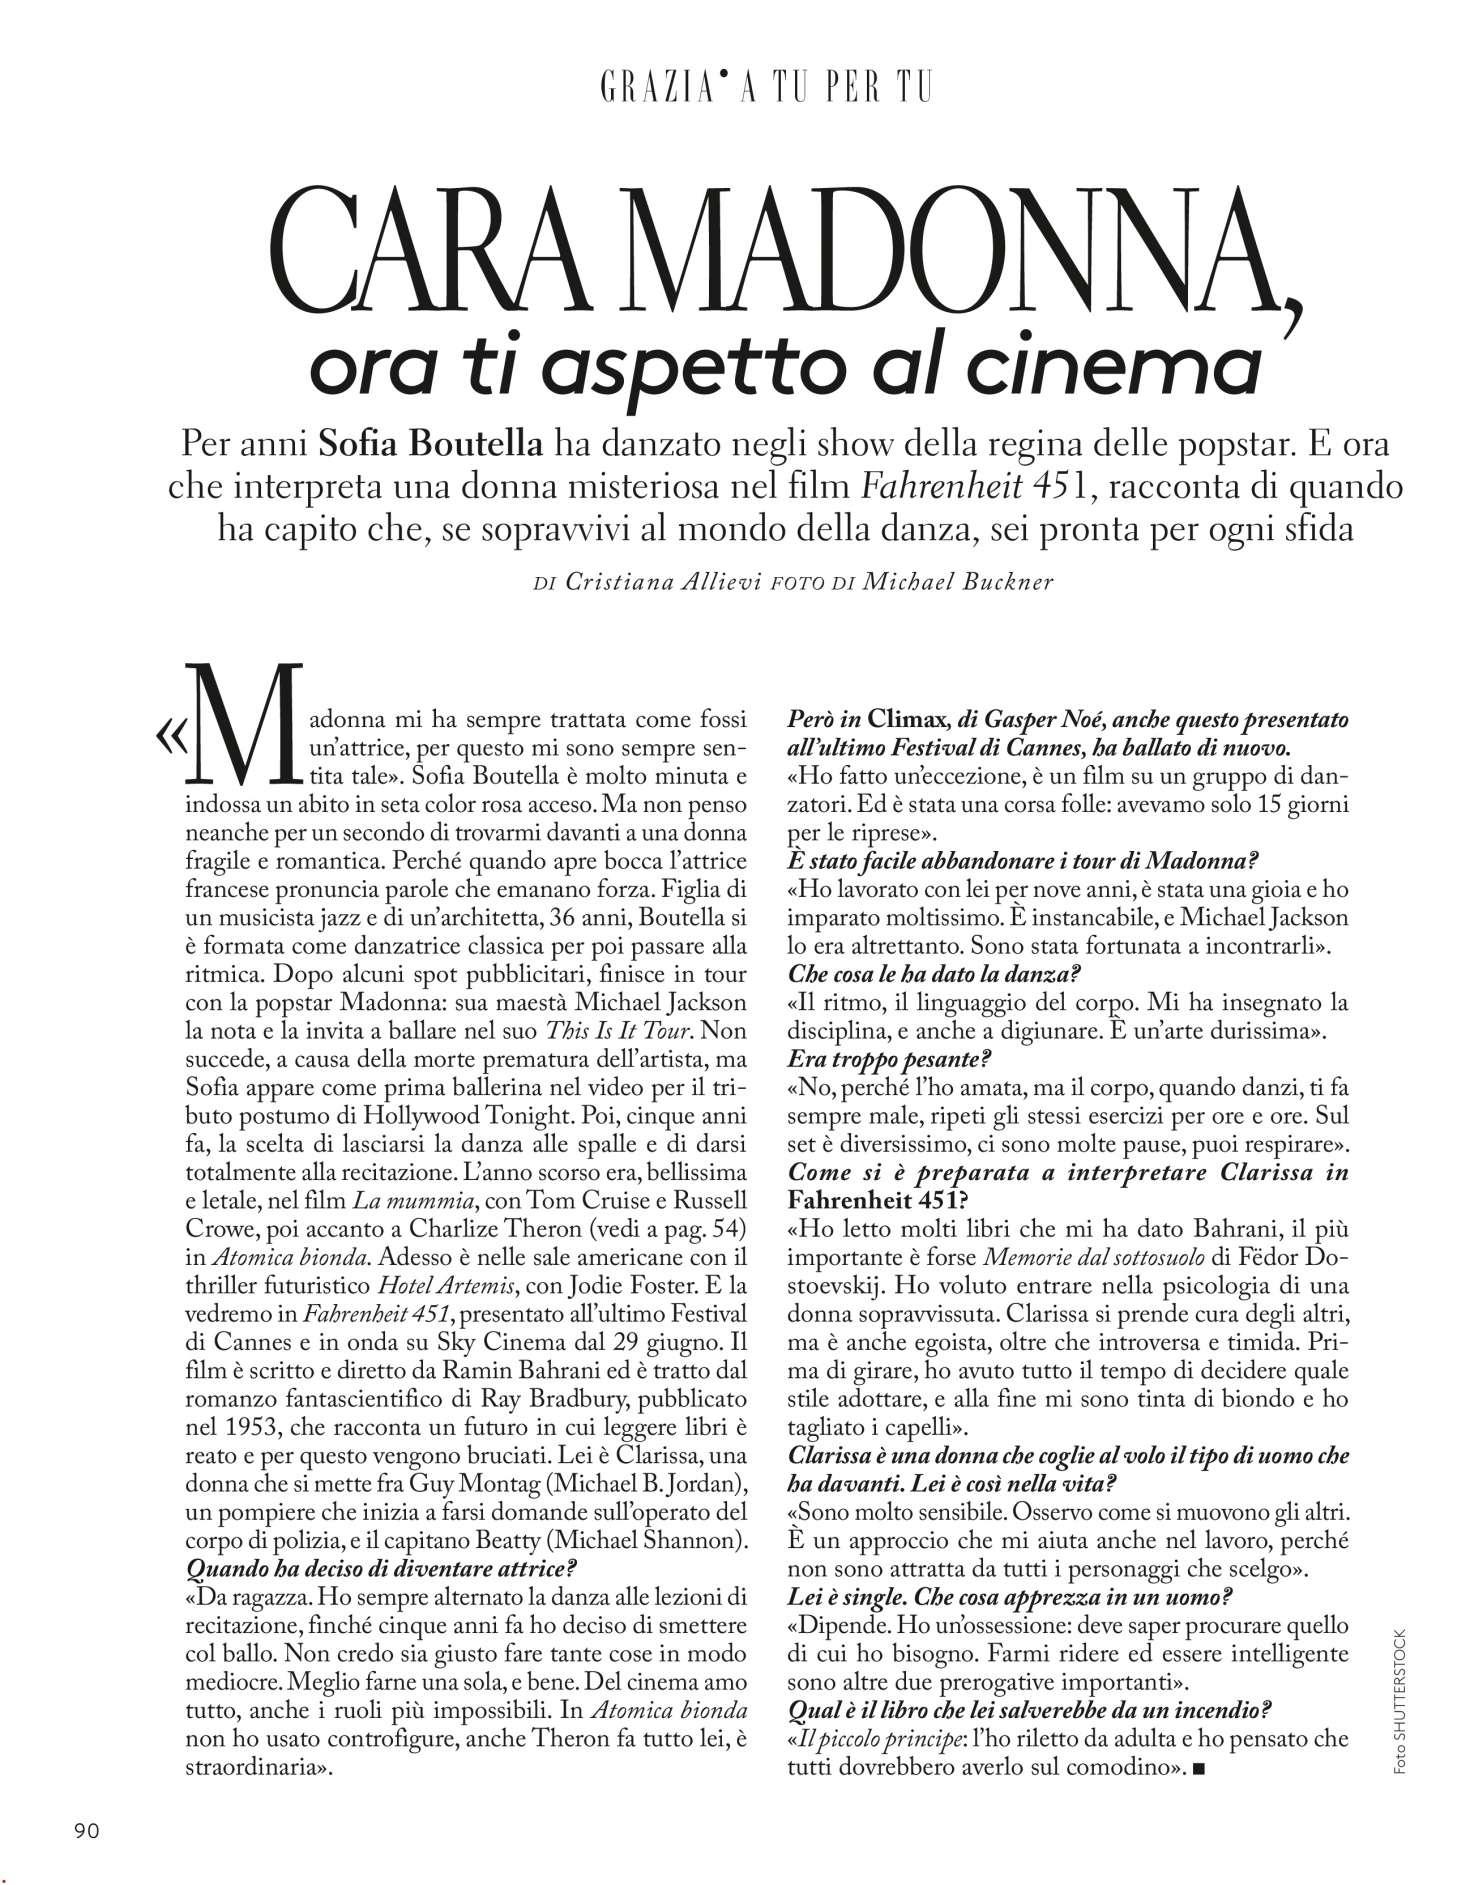 Sofia Boutella 2018 : Sofia Boutella: Grazia Magazine 2018 -02